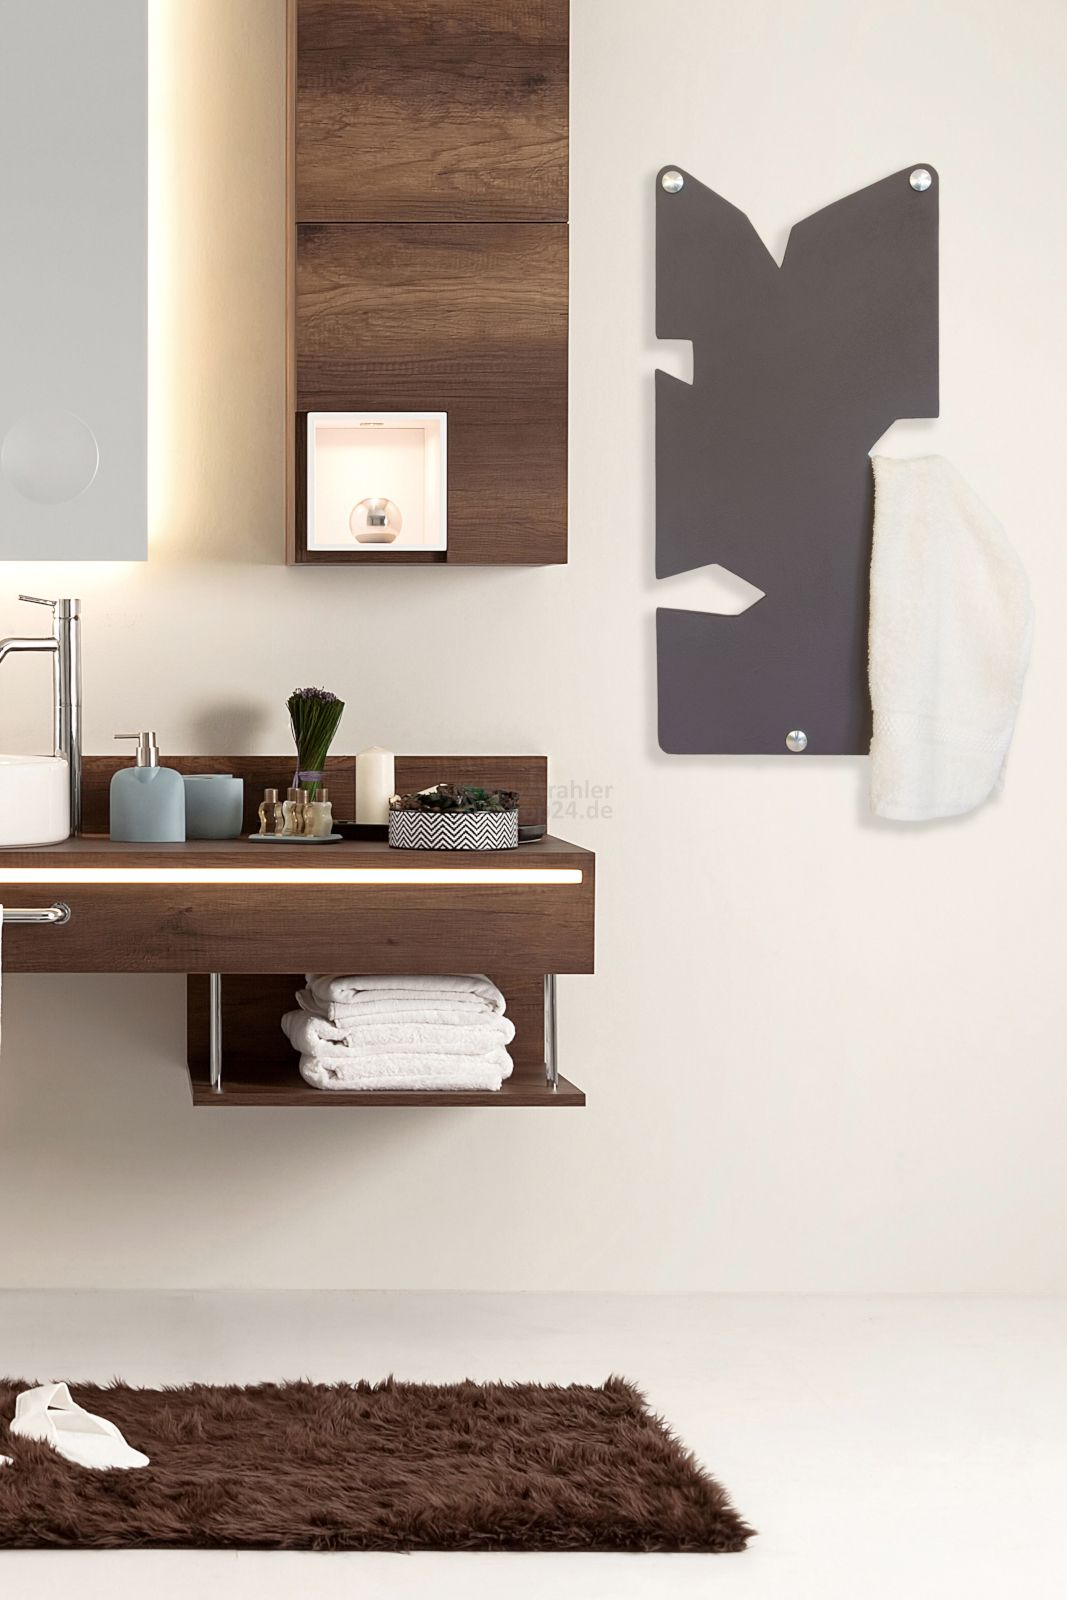 Handtuchwarmer Im Aussergewohnlichen Design Furs Badezimmer